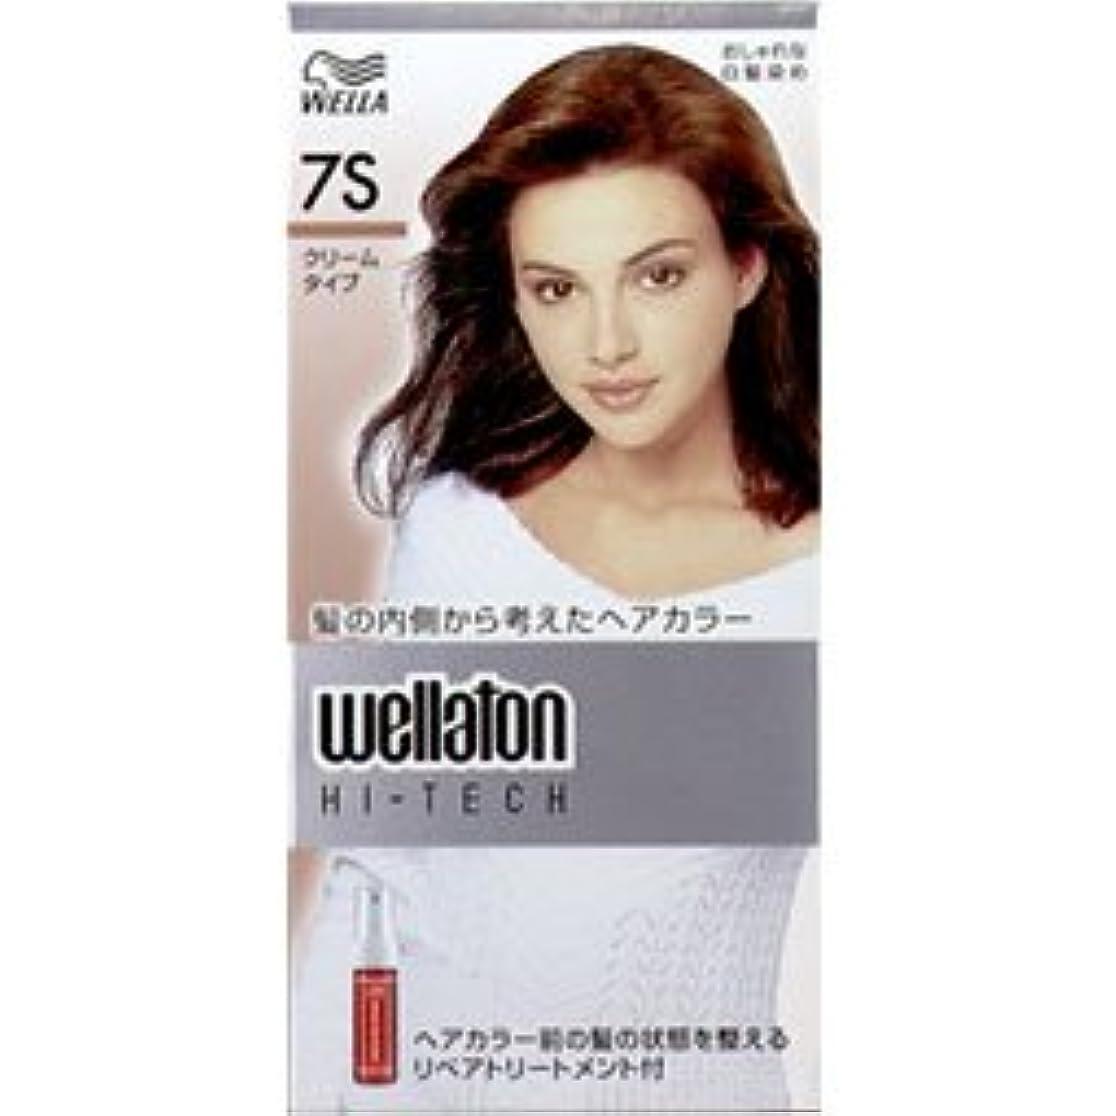 セグメントお嬢洗剤ウエラトーンハイテッククリーム7S × 10個セット